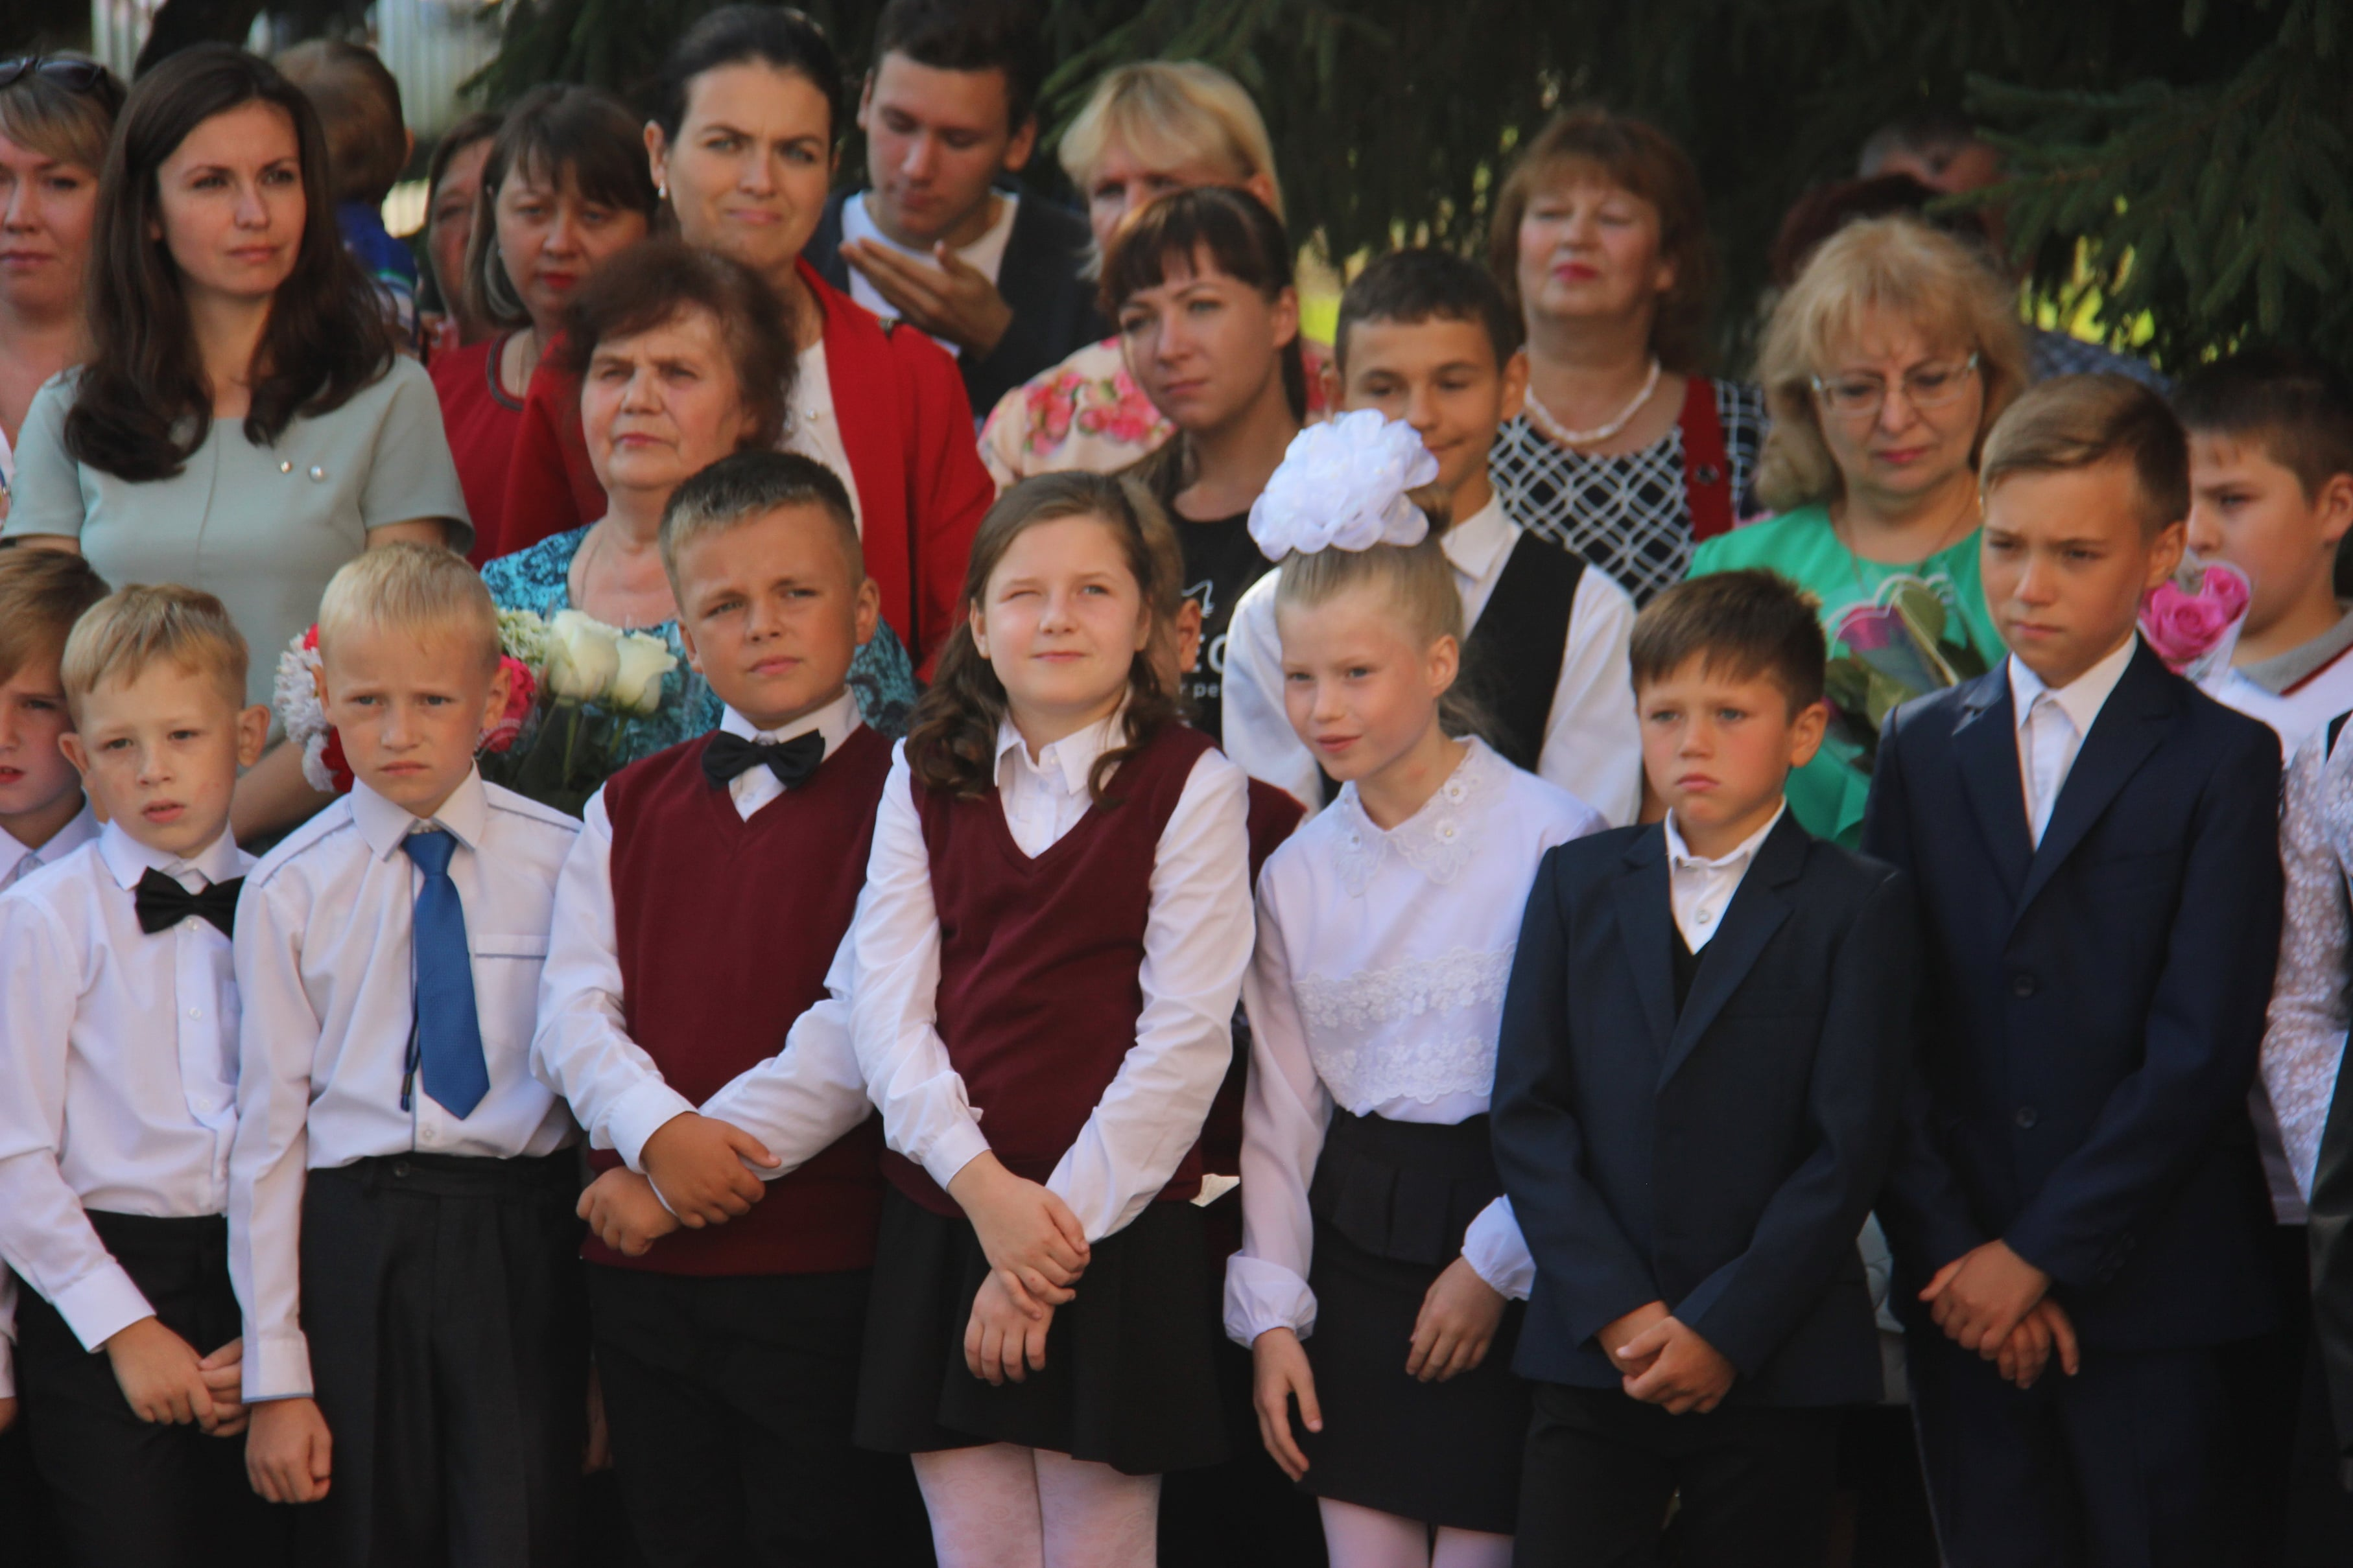 http://monuspen.ru/photoreports/2de2ea75f898f6c37c6a209fc6d91741.JPG